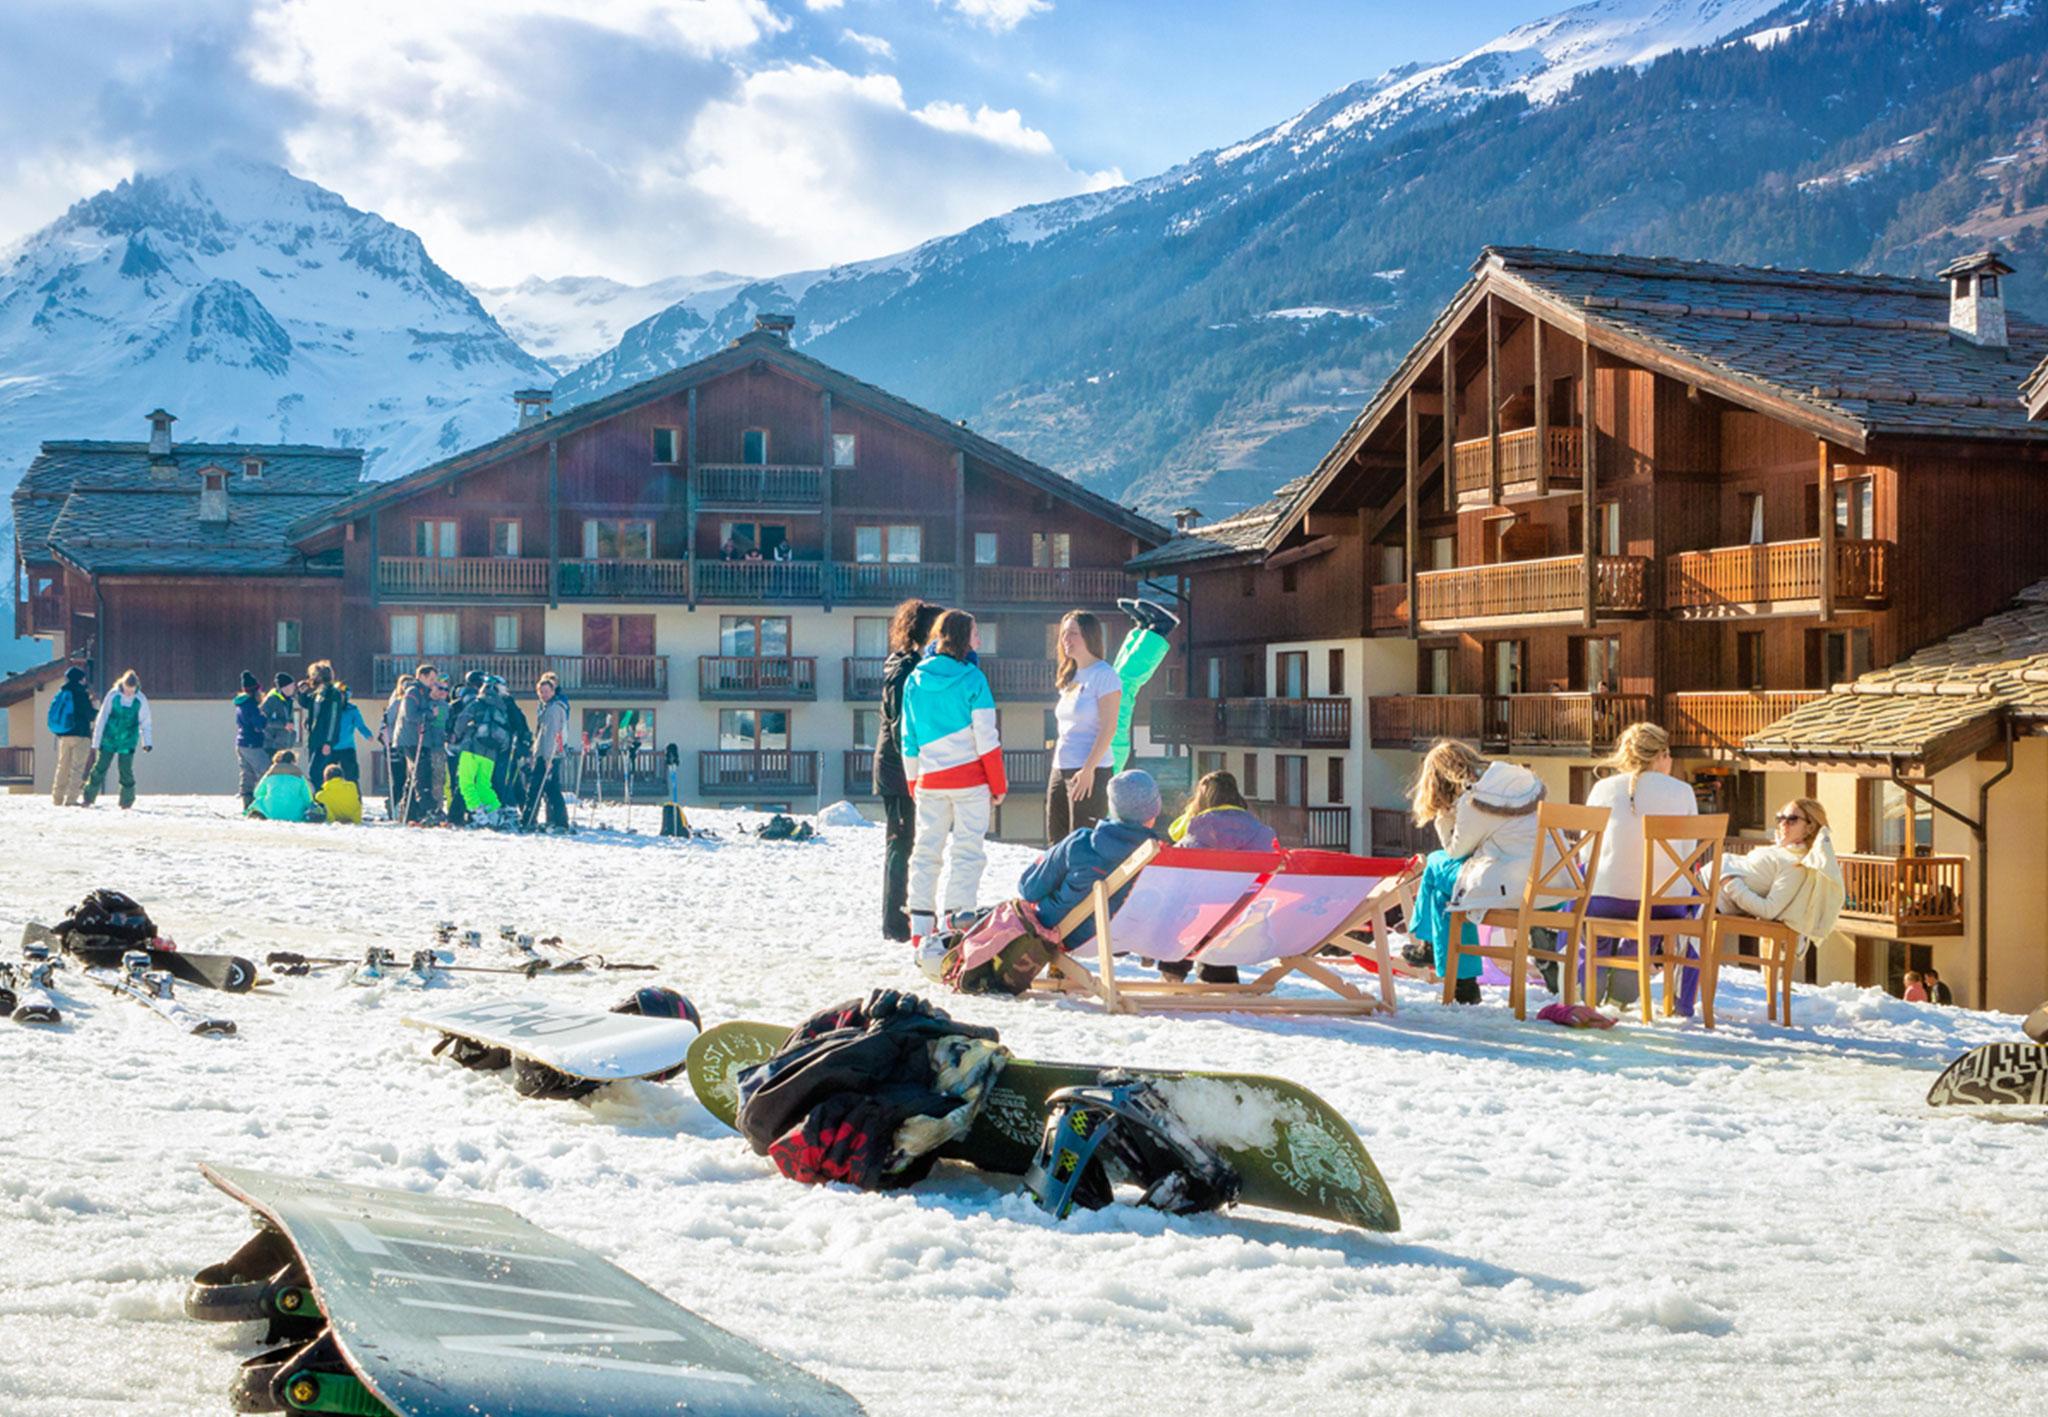 Ski Urlauber relaxen im Tal